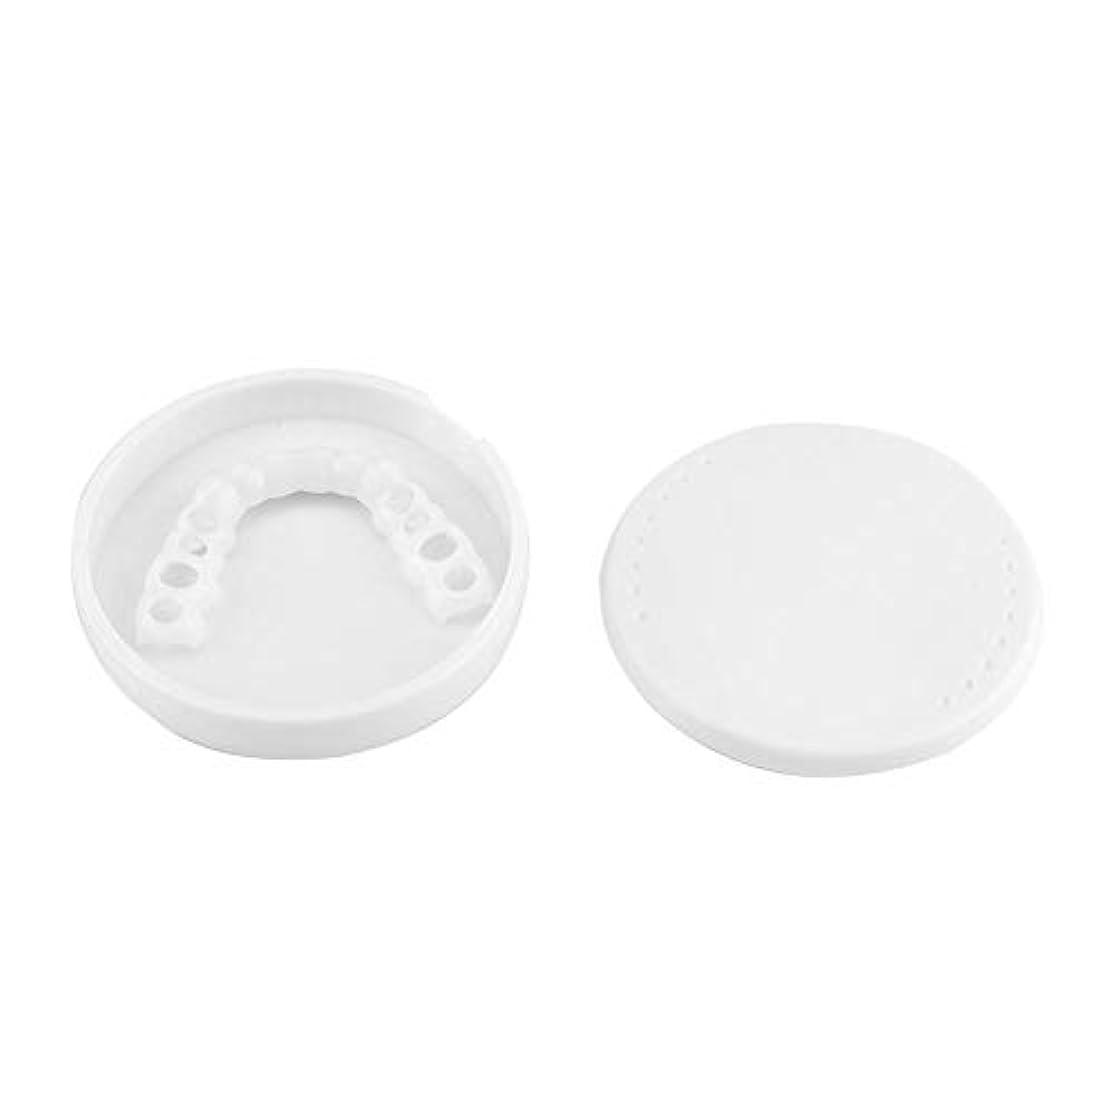 キャンセル扱いやすい魅了するSalinr インスタント 完璧なベニヤの歯スナップキャップを白く 一時的な化粧品歯義 歯化粧品シミュレーション 白くする歯カバー フィットフレックス歯ベニア上の歯+下歯のセット